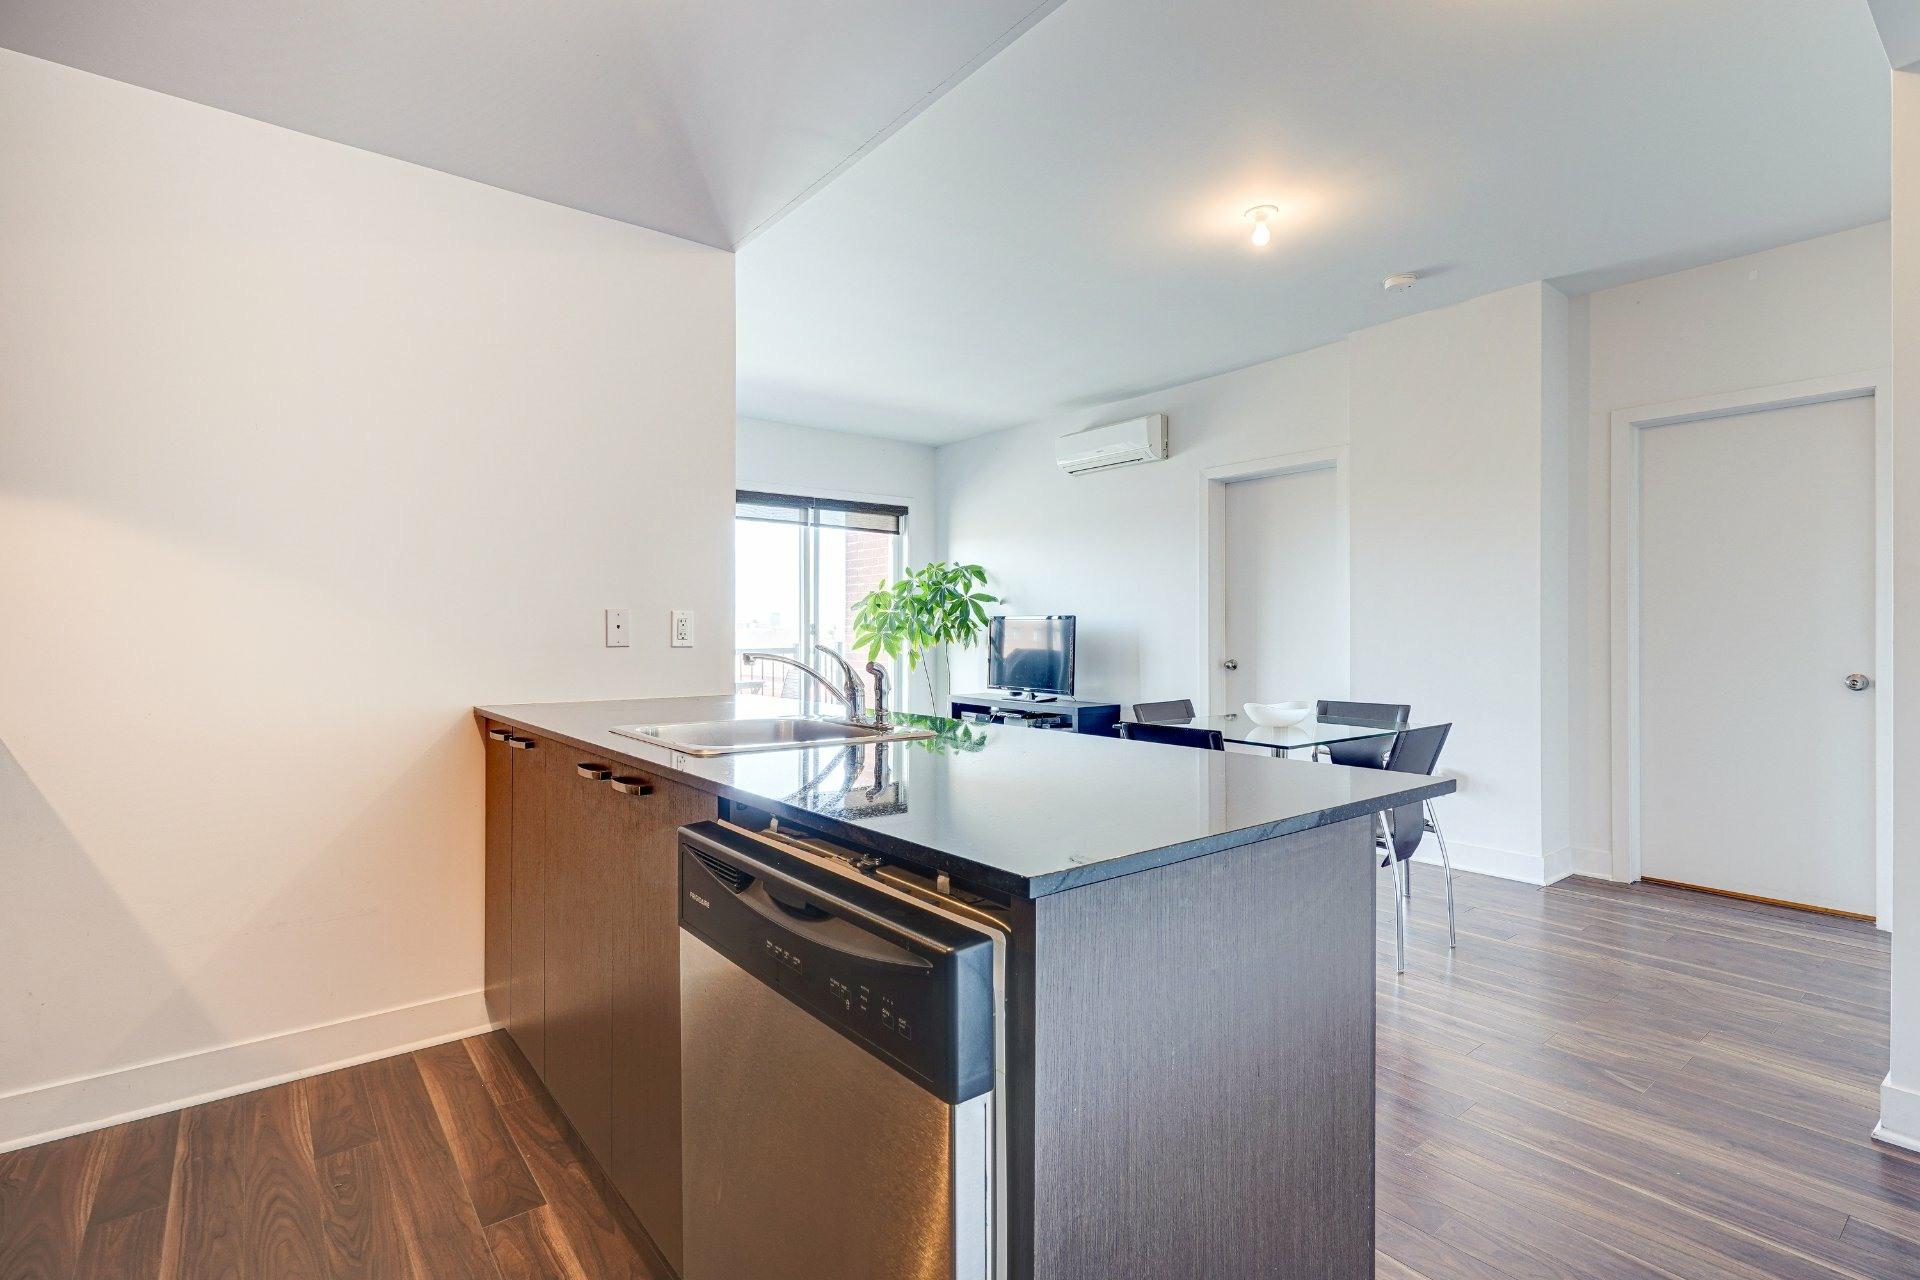 image 11 - Appartement À vendre Saint-Laurent Montréal  - 7 pièces